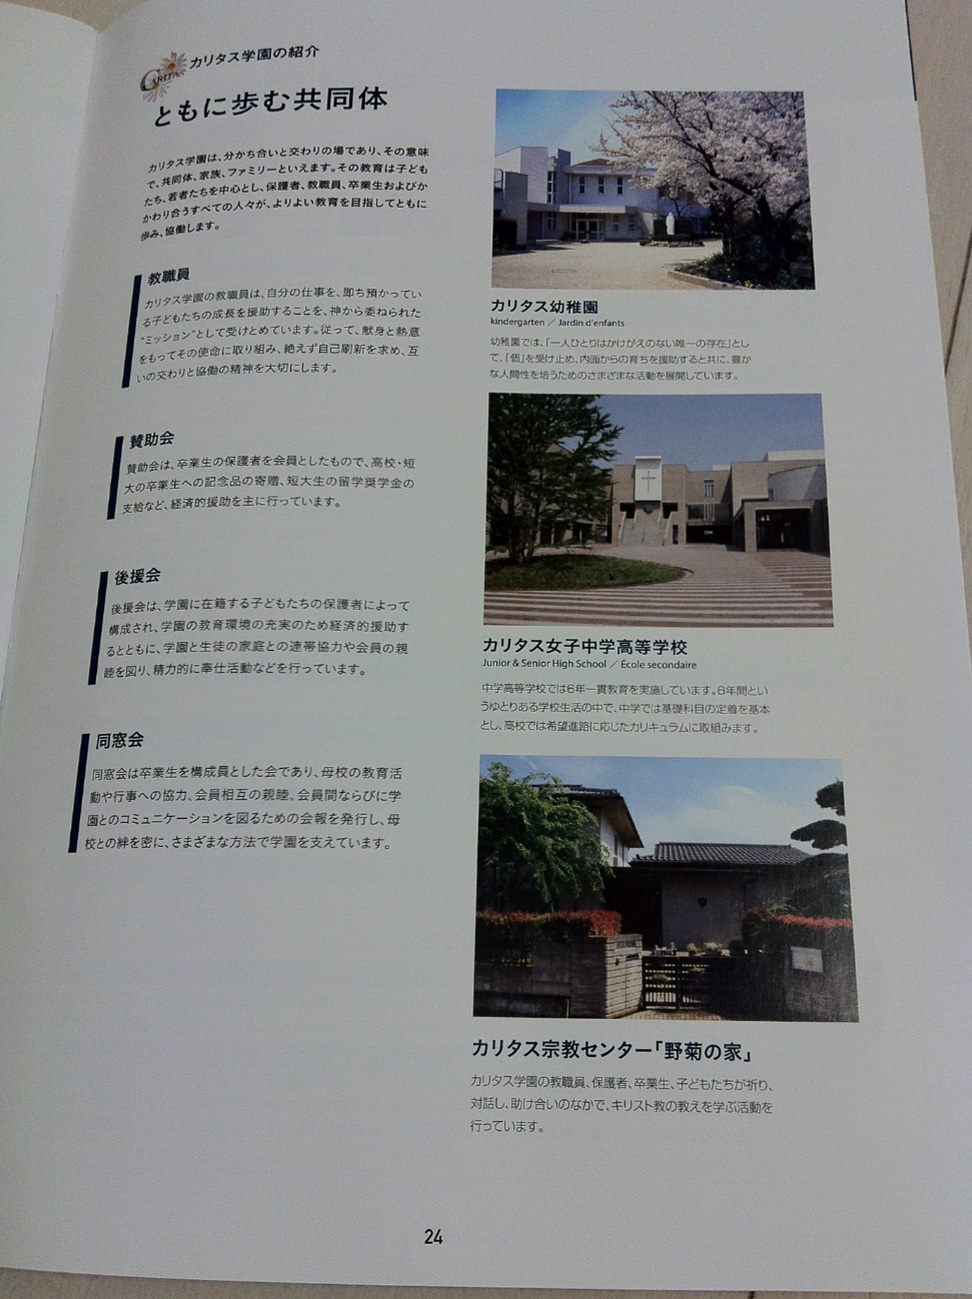 カリタス小学校の学校案内パンフレット(24ページ目)の画像キャプチャ